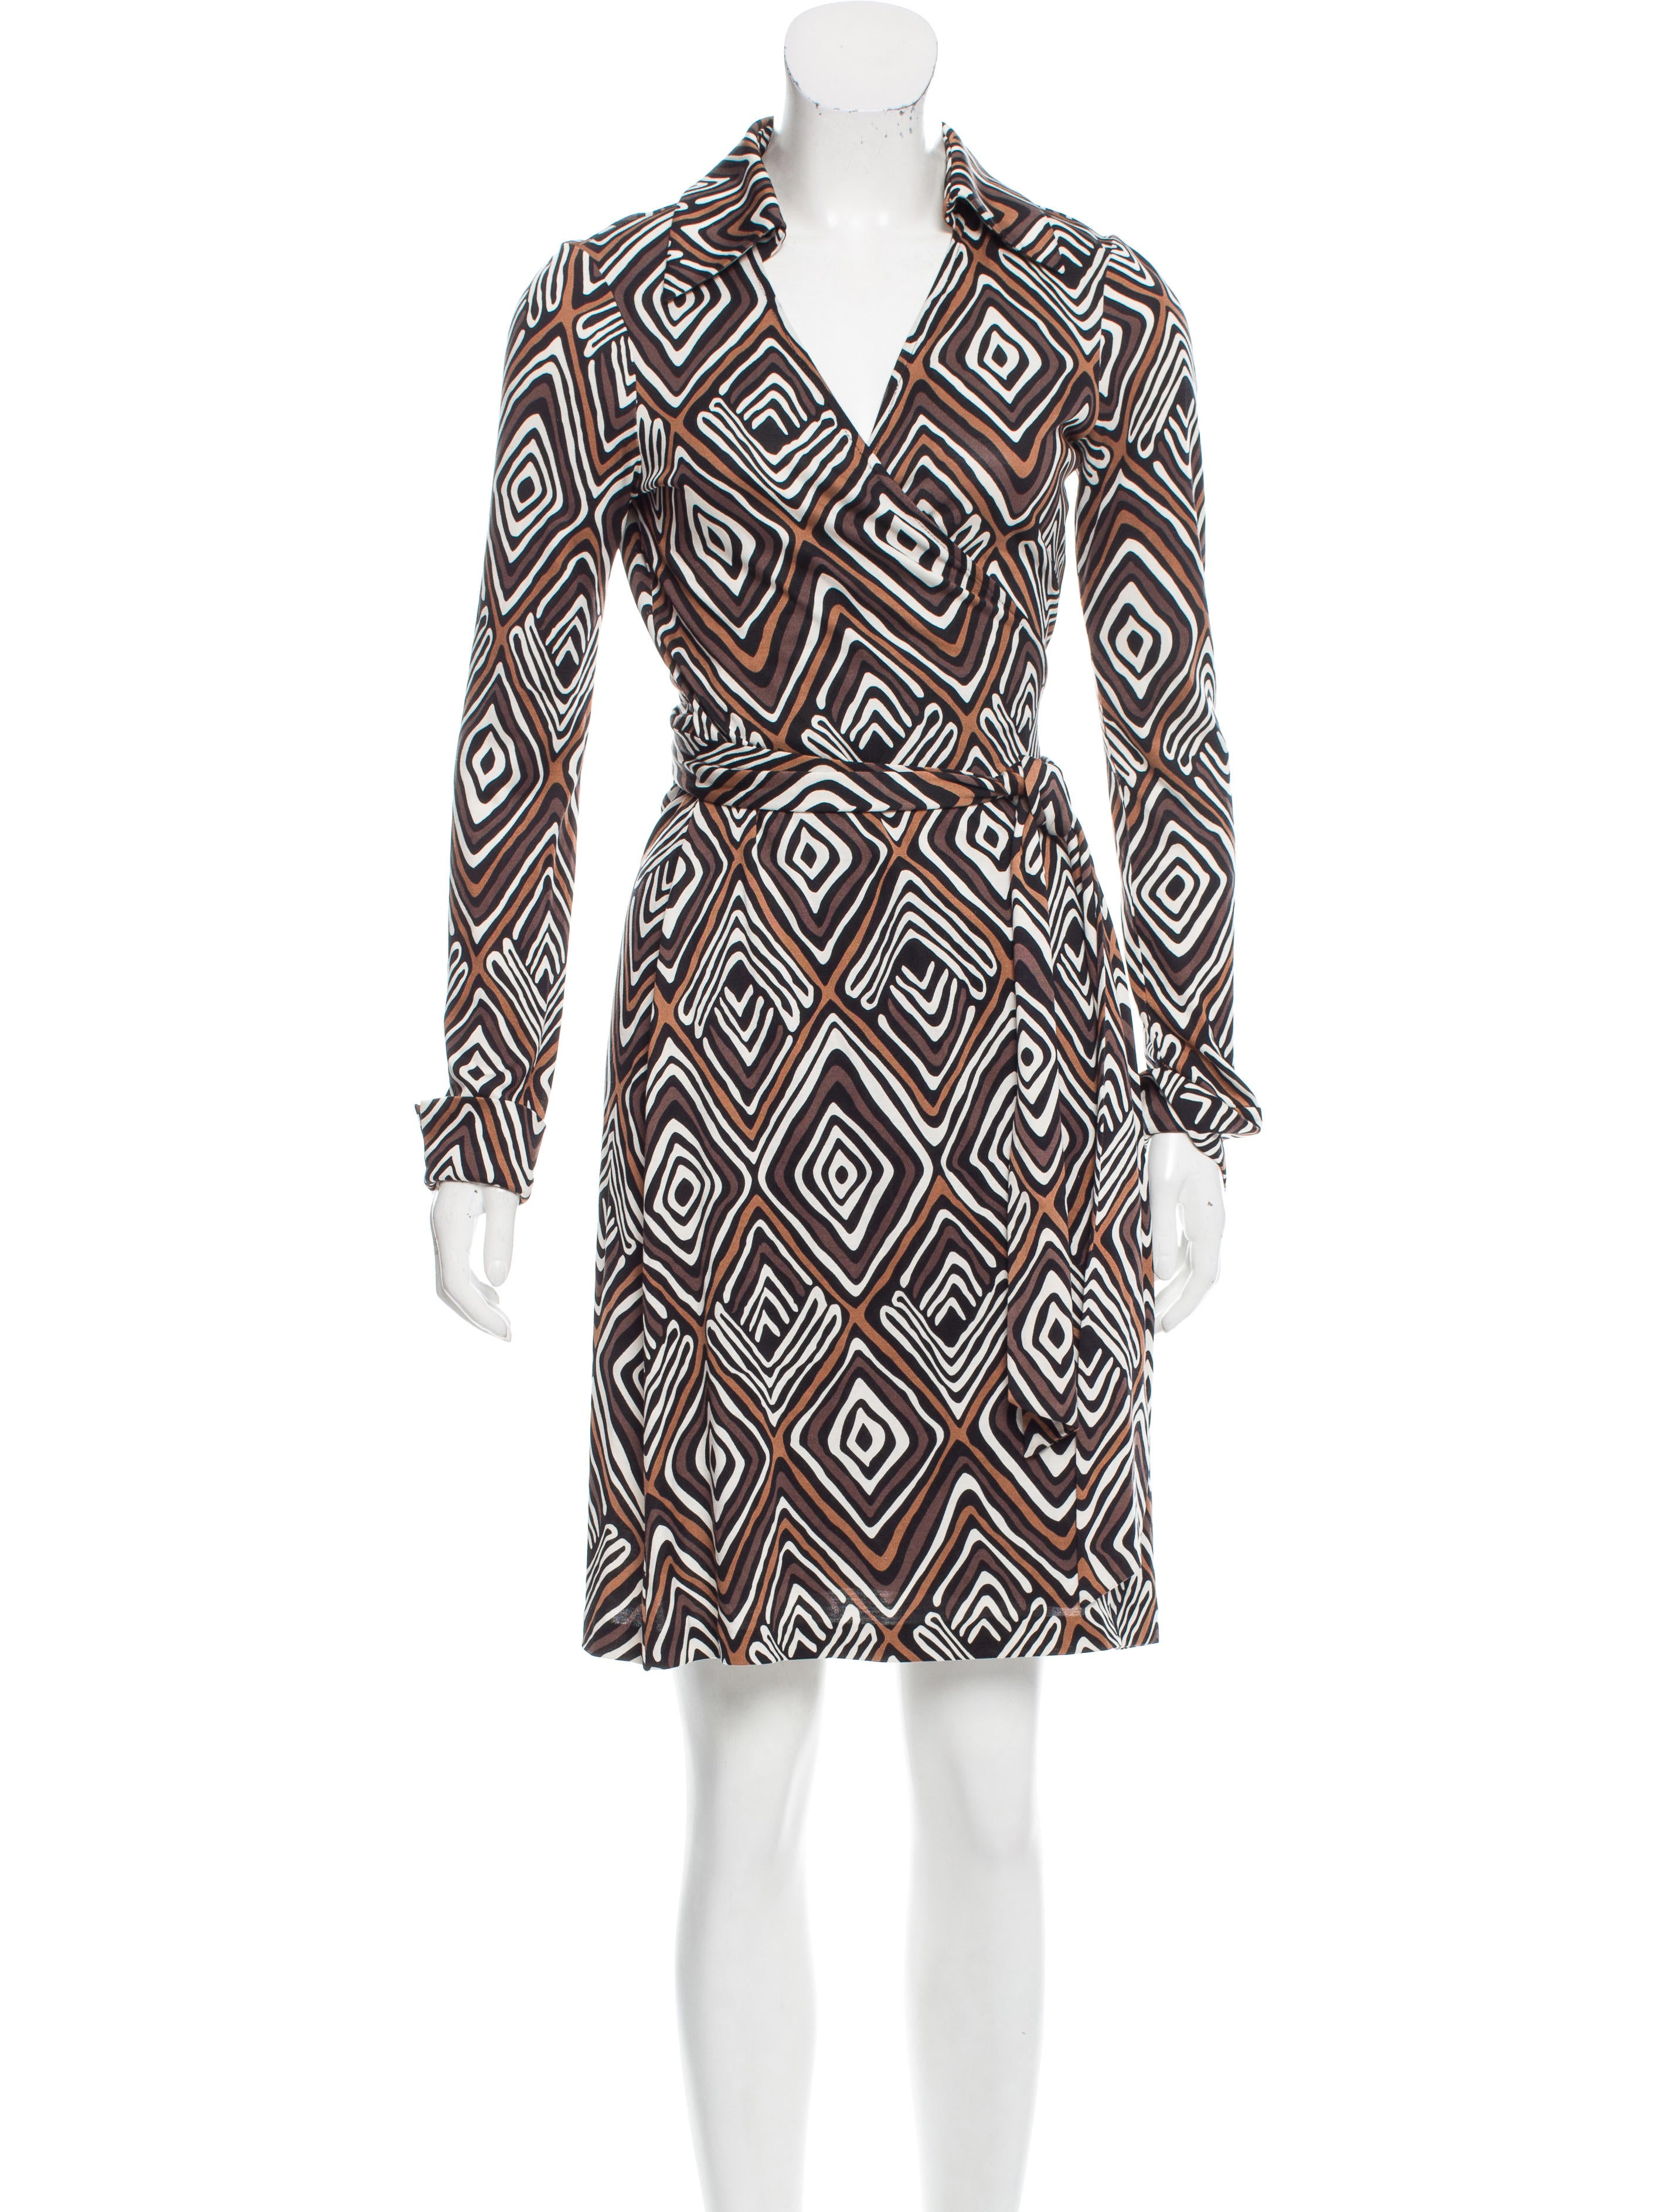 Diane von furstenberg silk jeanne dress clothing for Diane von furstenberg shirt